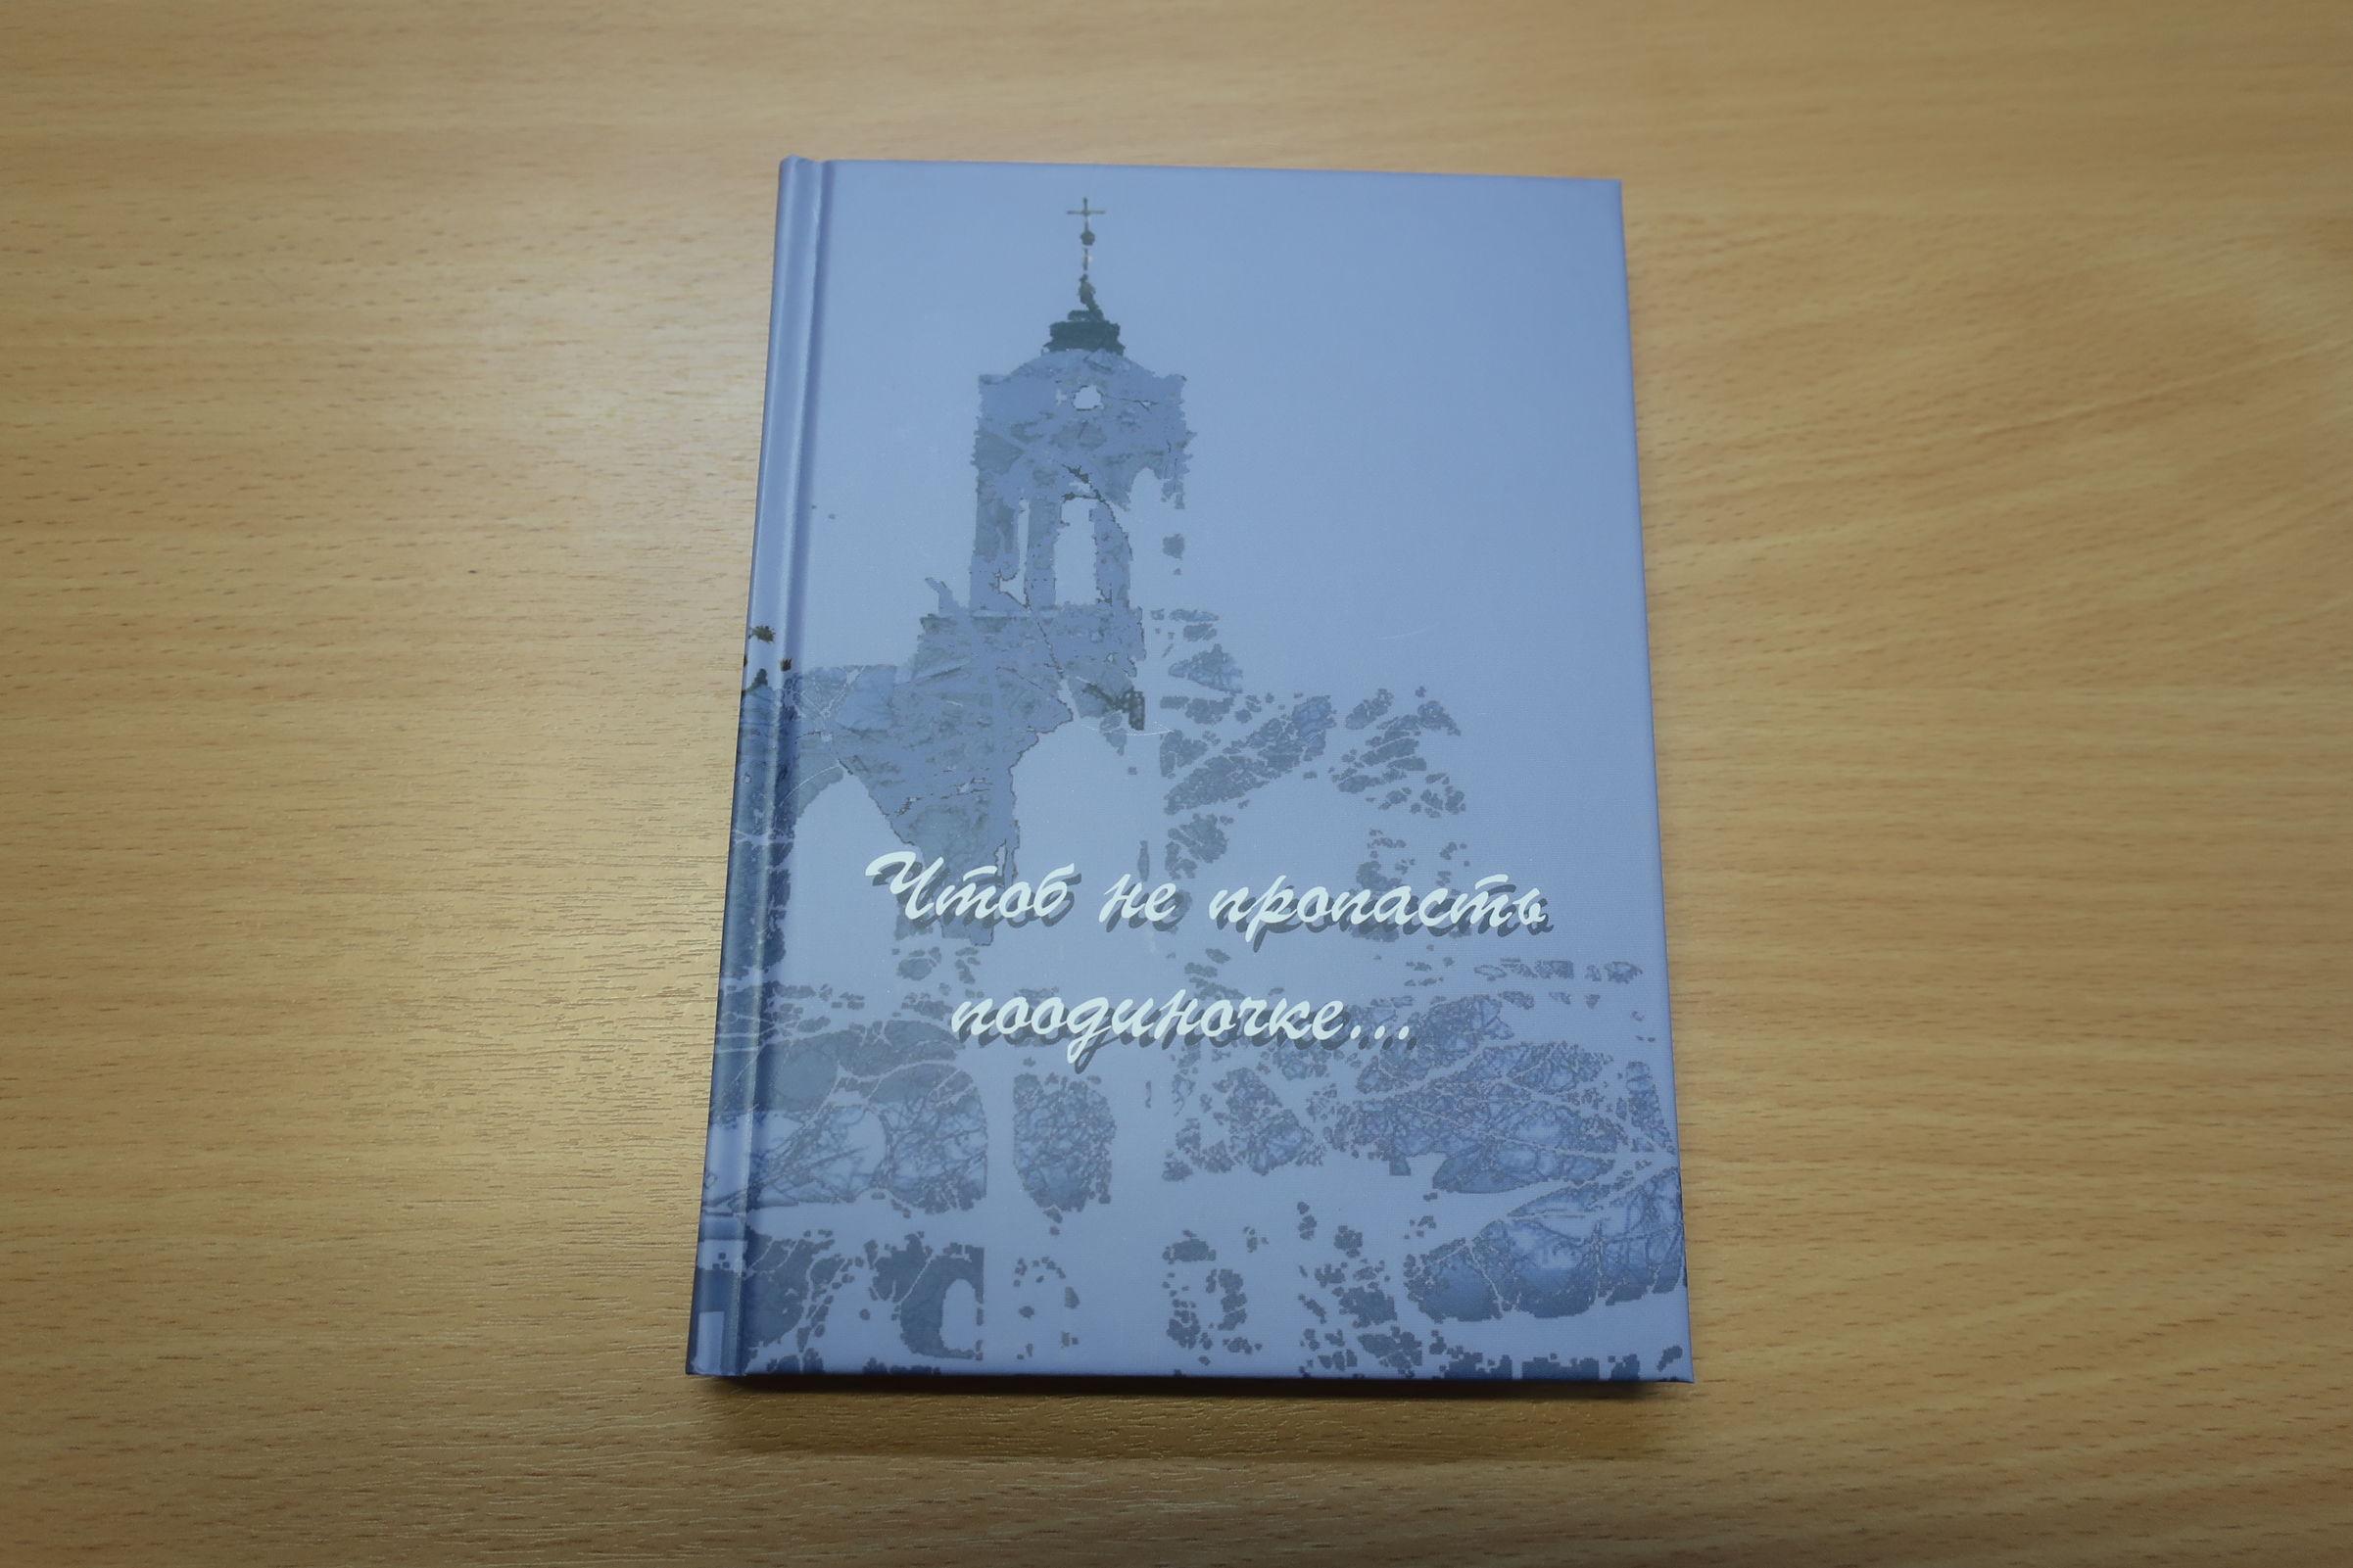 В Ярославле презентовали поэтический сборник, изданный к 200-летию Николая Некрасова